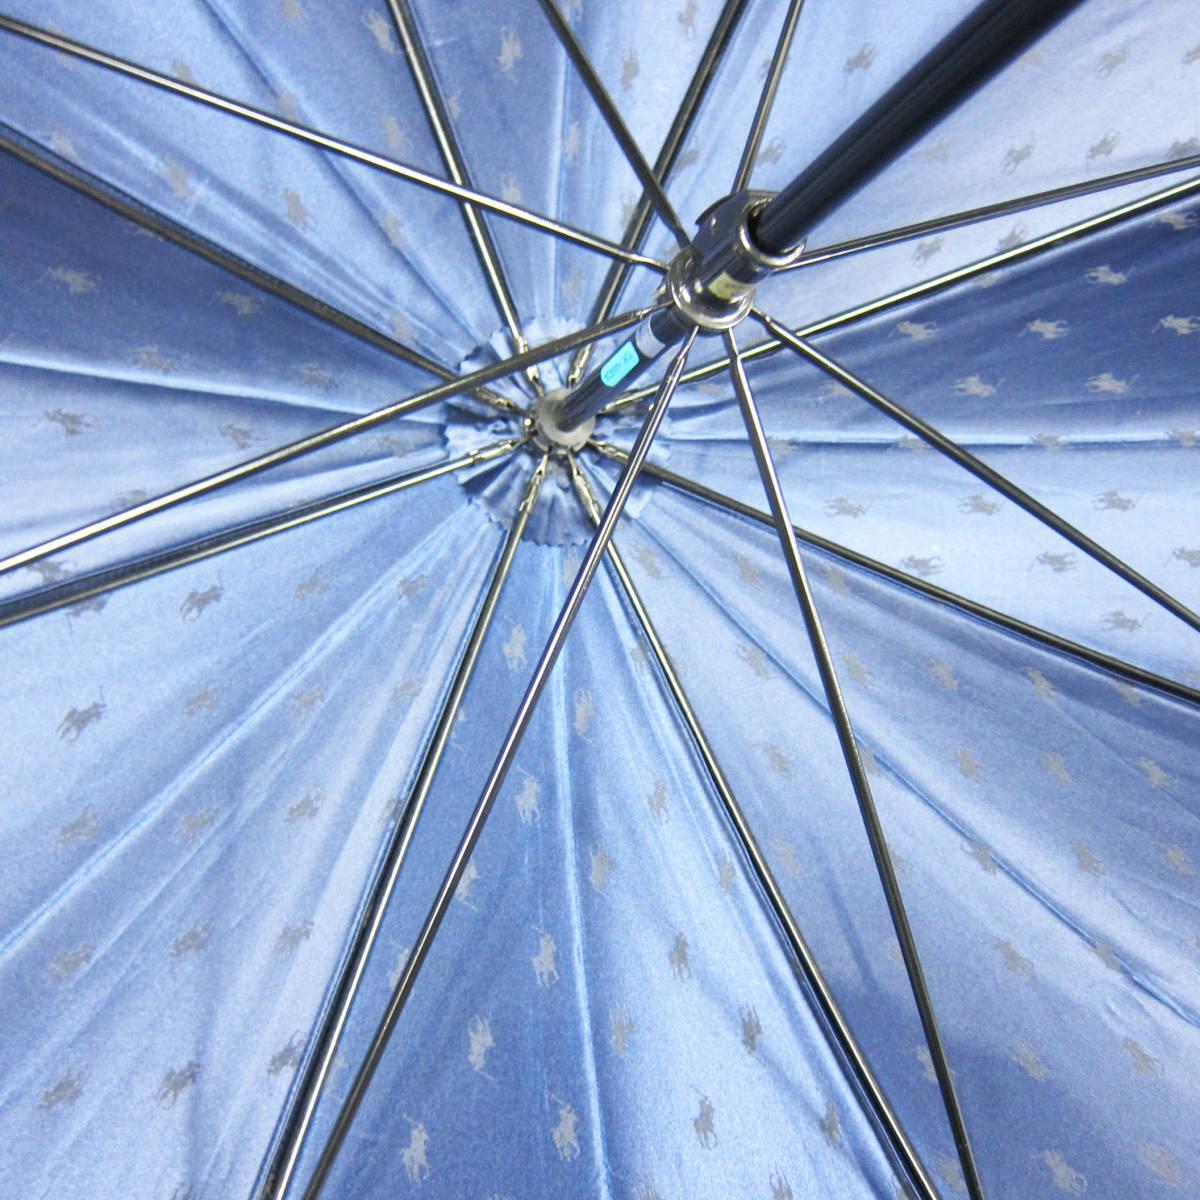 M5149●POLO RALPH LAUREN ポロ ラルフローレン 紳士傘 ポニーマーク ネイビー グラスファイバー骨 65cm USED 中古品_画像4